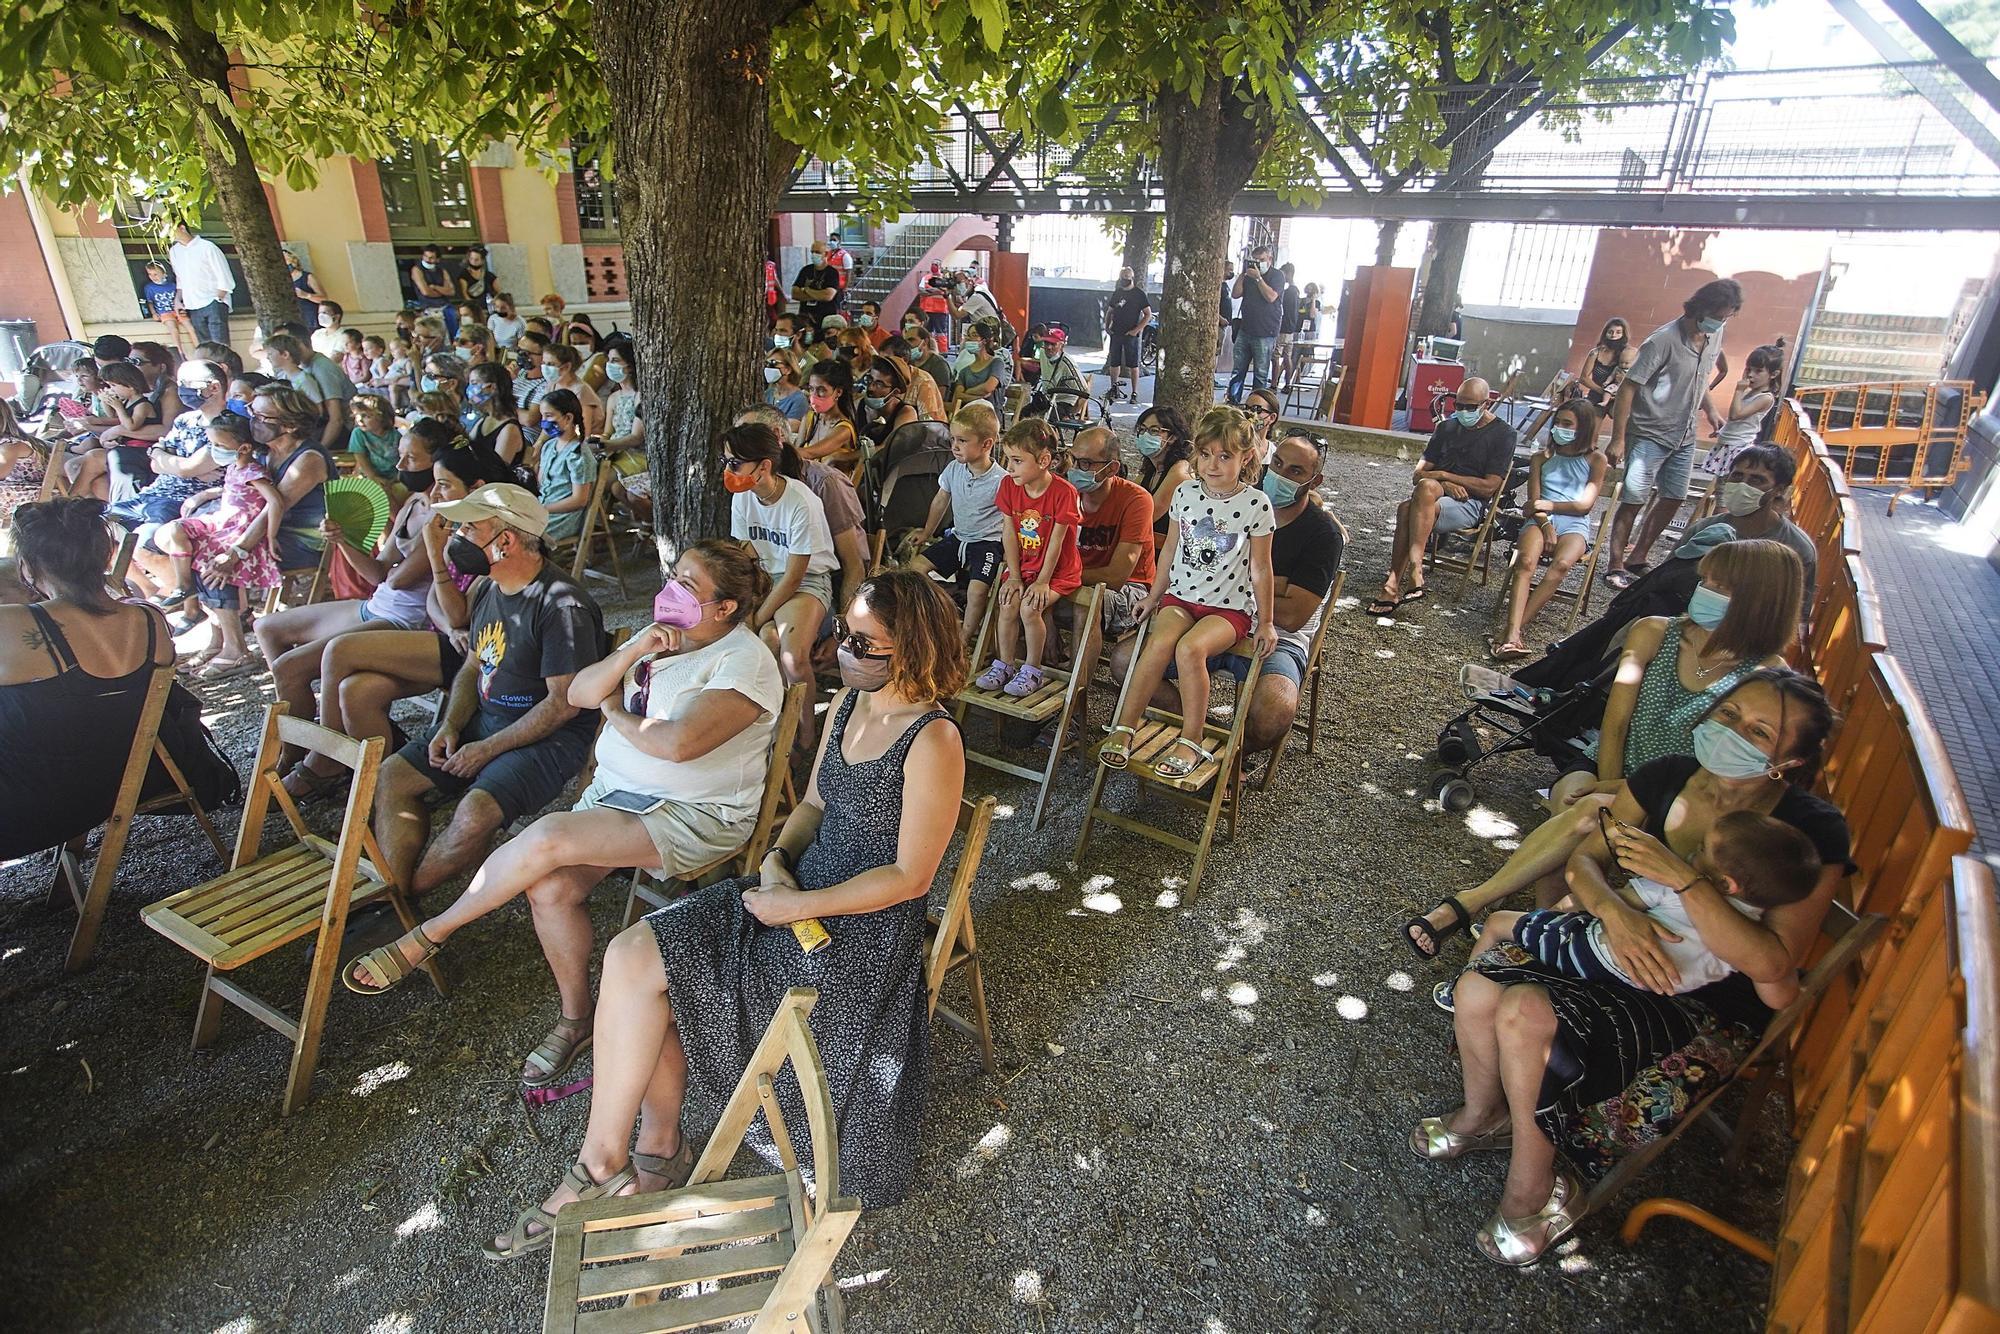 La Fira de Circ al Carrer de la Bisbal tanca amb el 90% d'ocupació